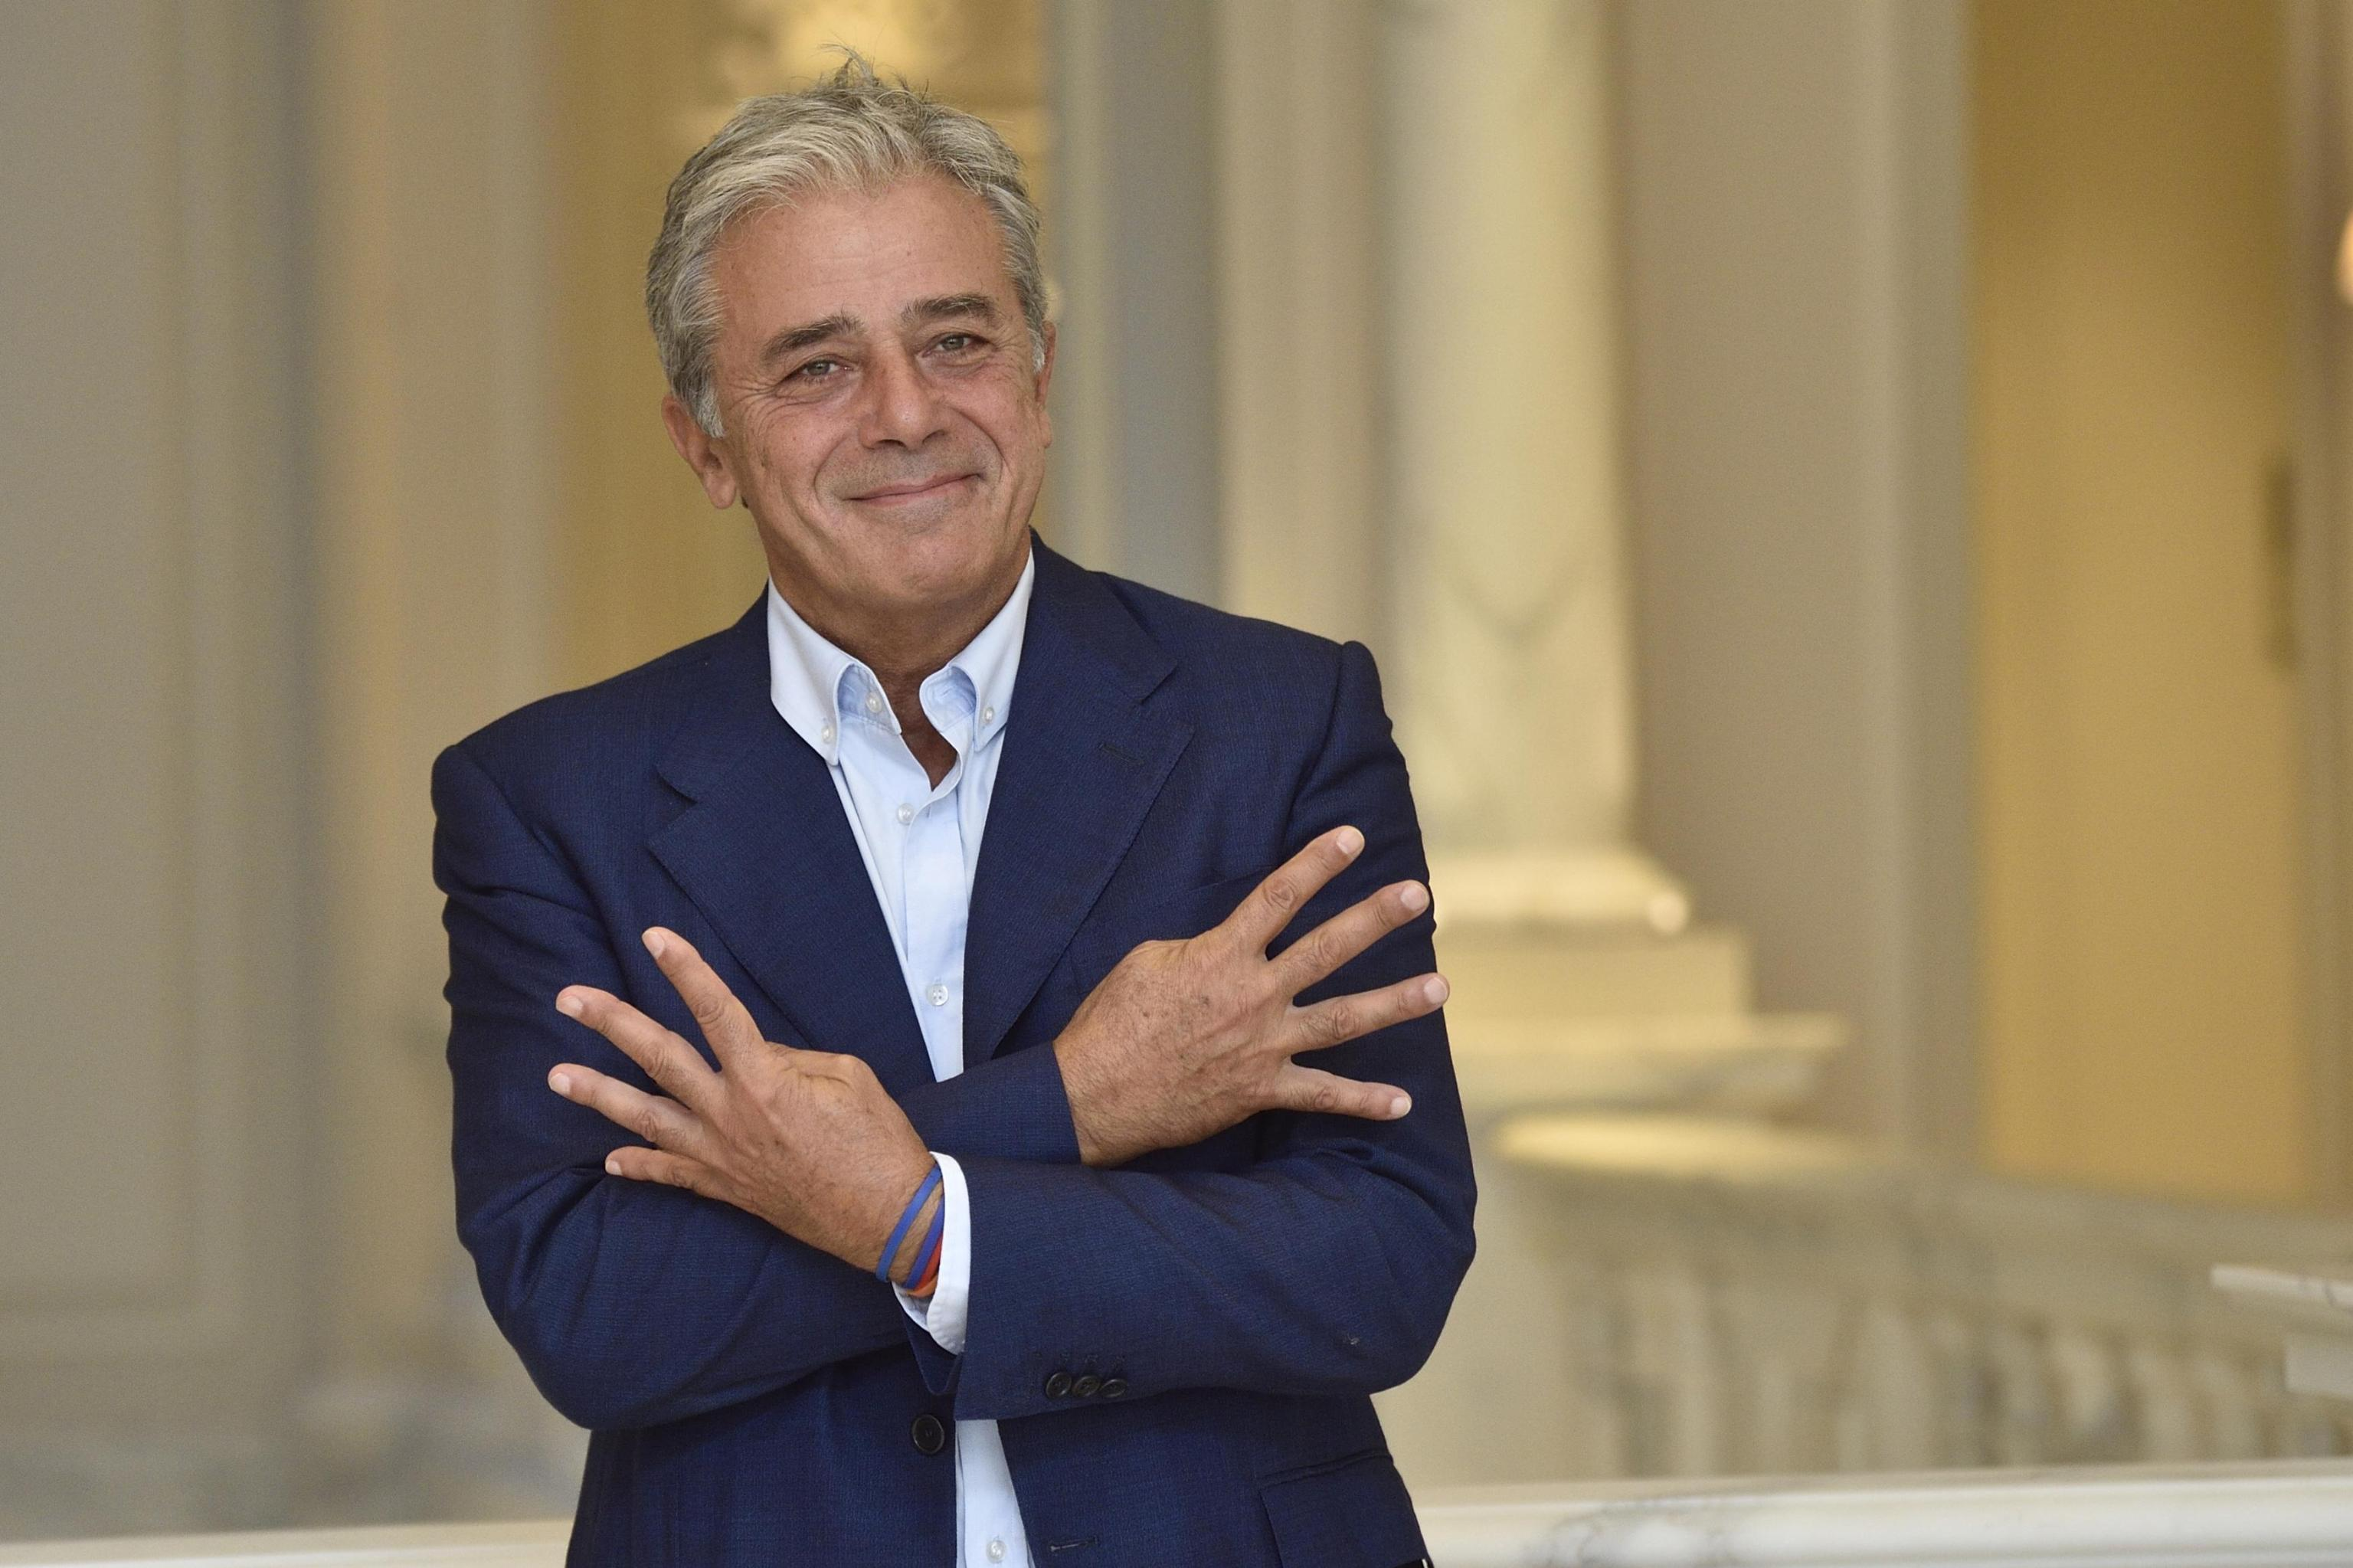 Angelo Teodoli direttore di Rai 1 al posto di Andrea Fabiano che passa a Rai 2